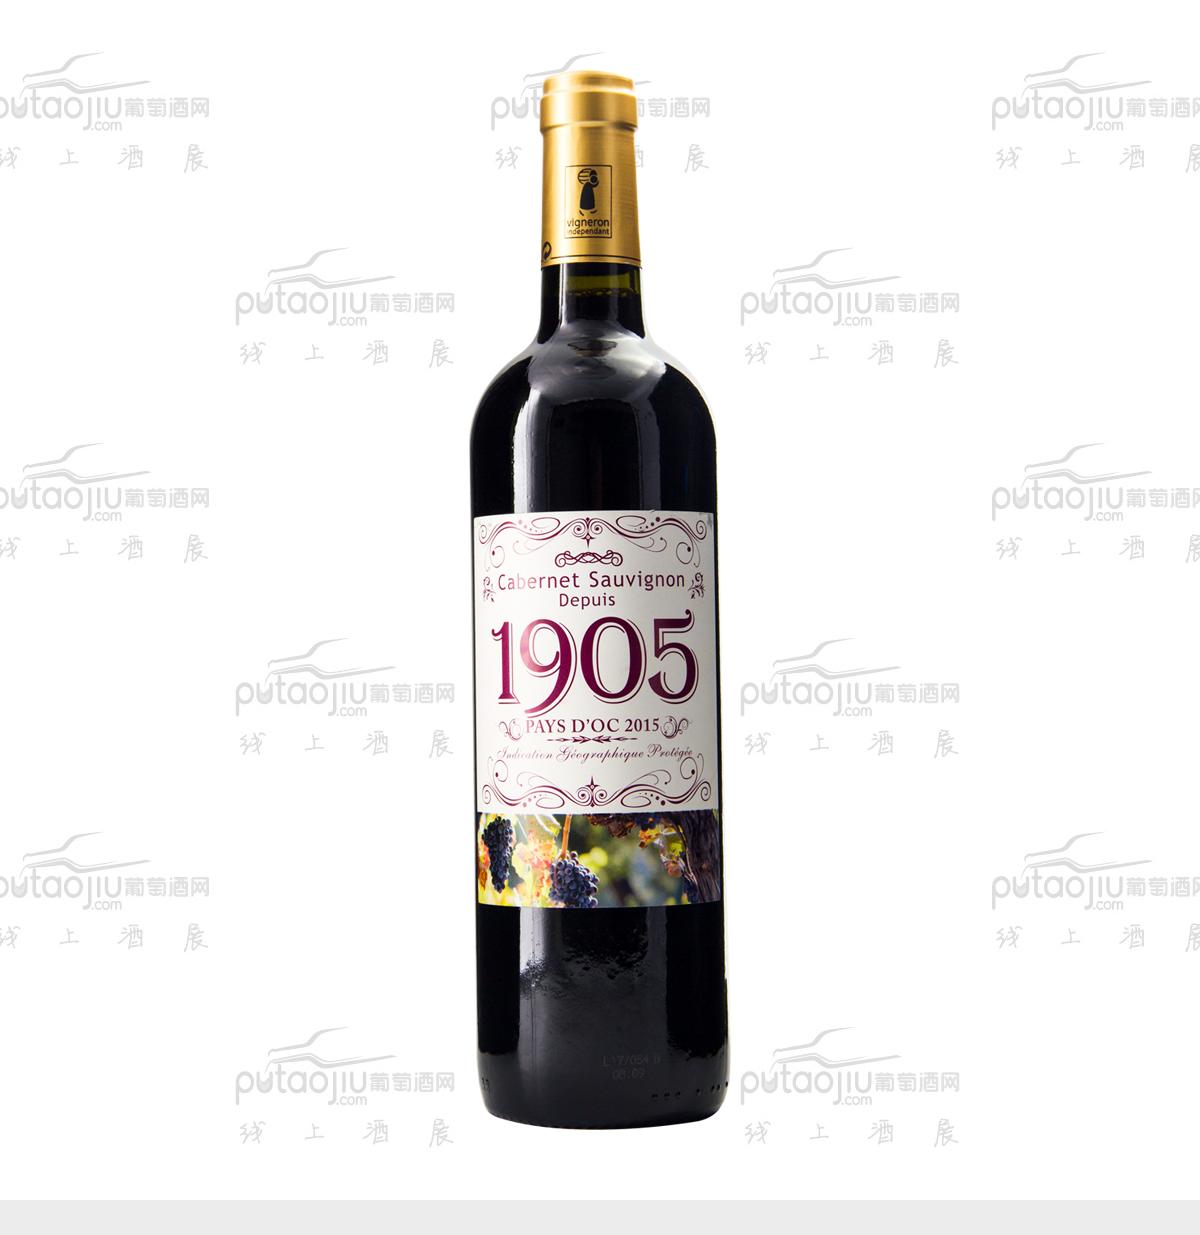 法国奥克地区维克家族1905酒庄赤霞珠IGP干红葡萄酒